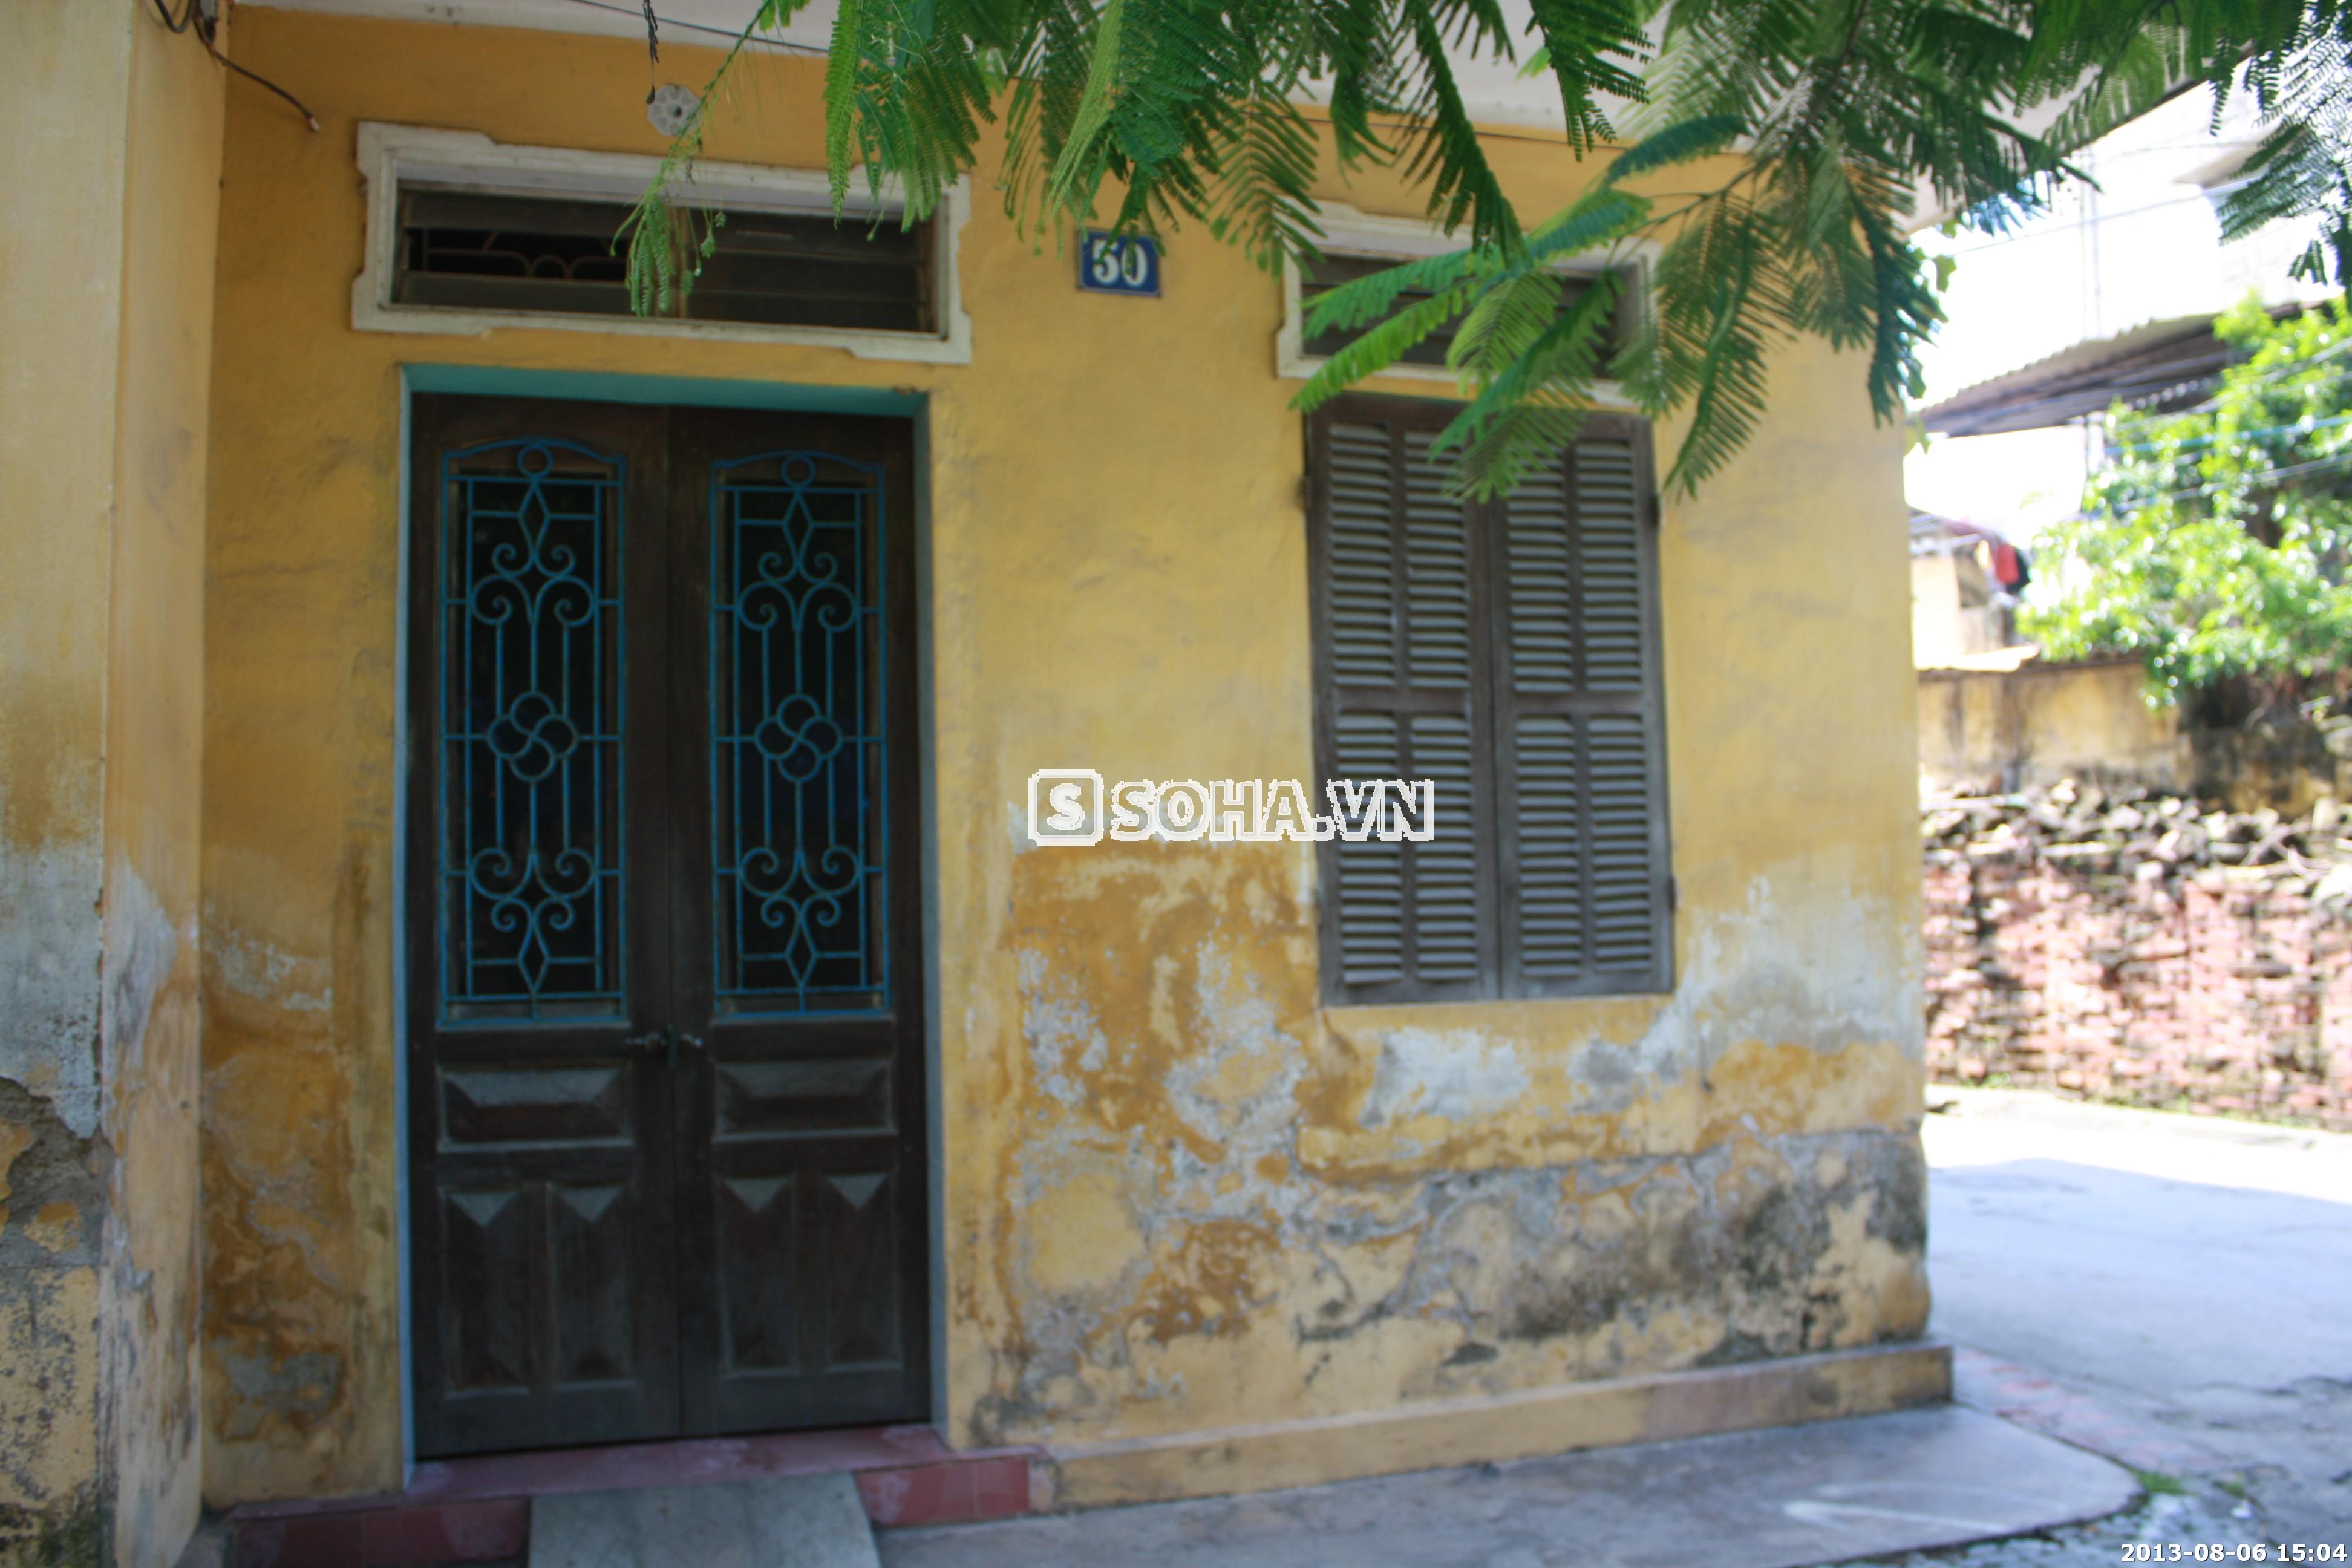 Căn nhà cũ kỹ luôn trong tình trạng cửa đóng then cài vì cha mẹ Tùng Lâm đi làm đến tối mới về.